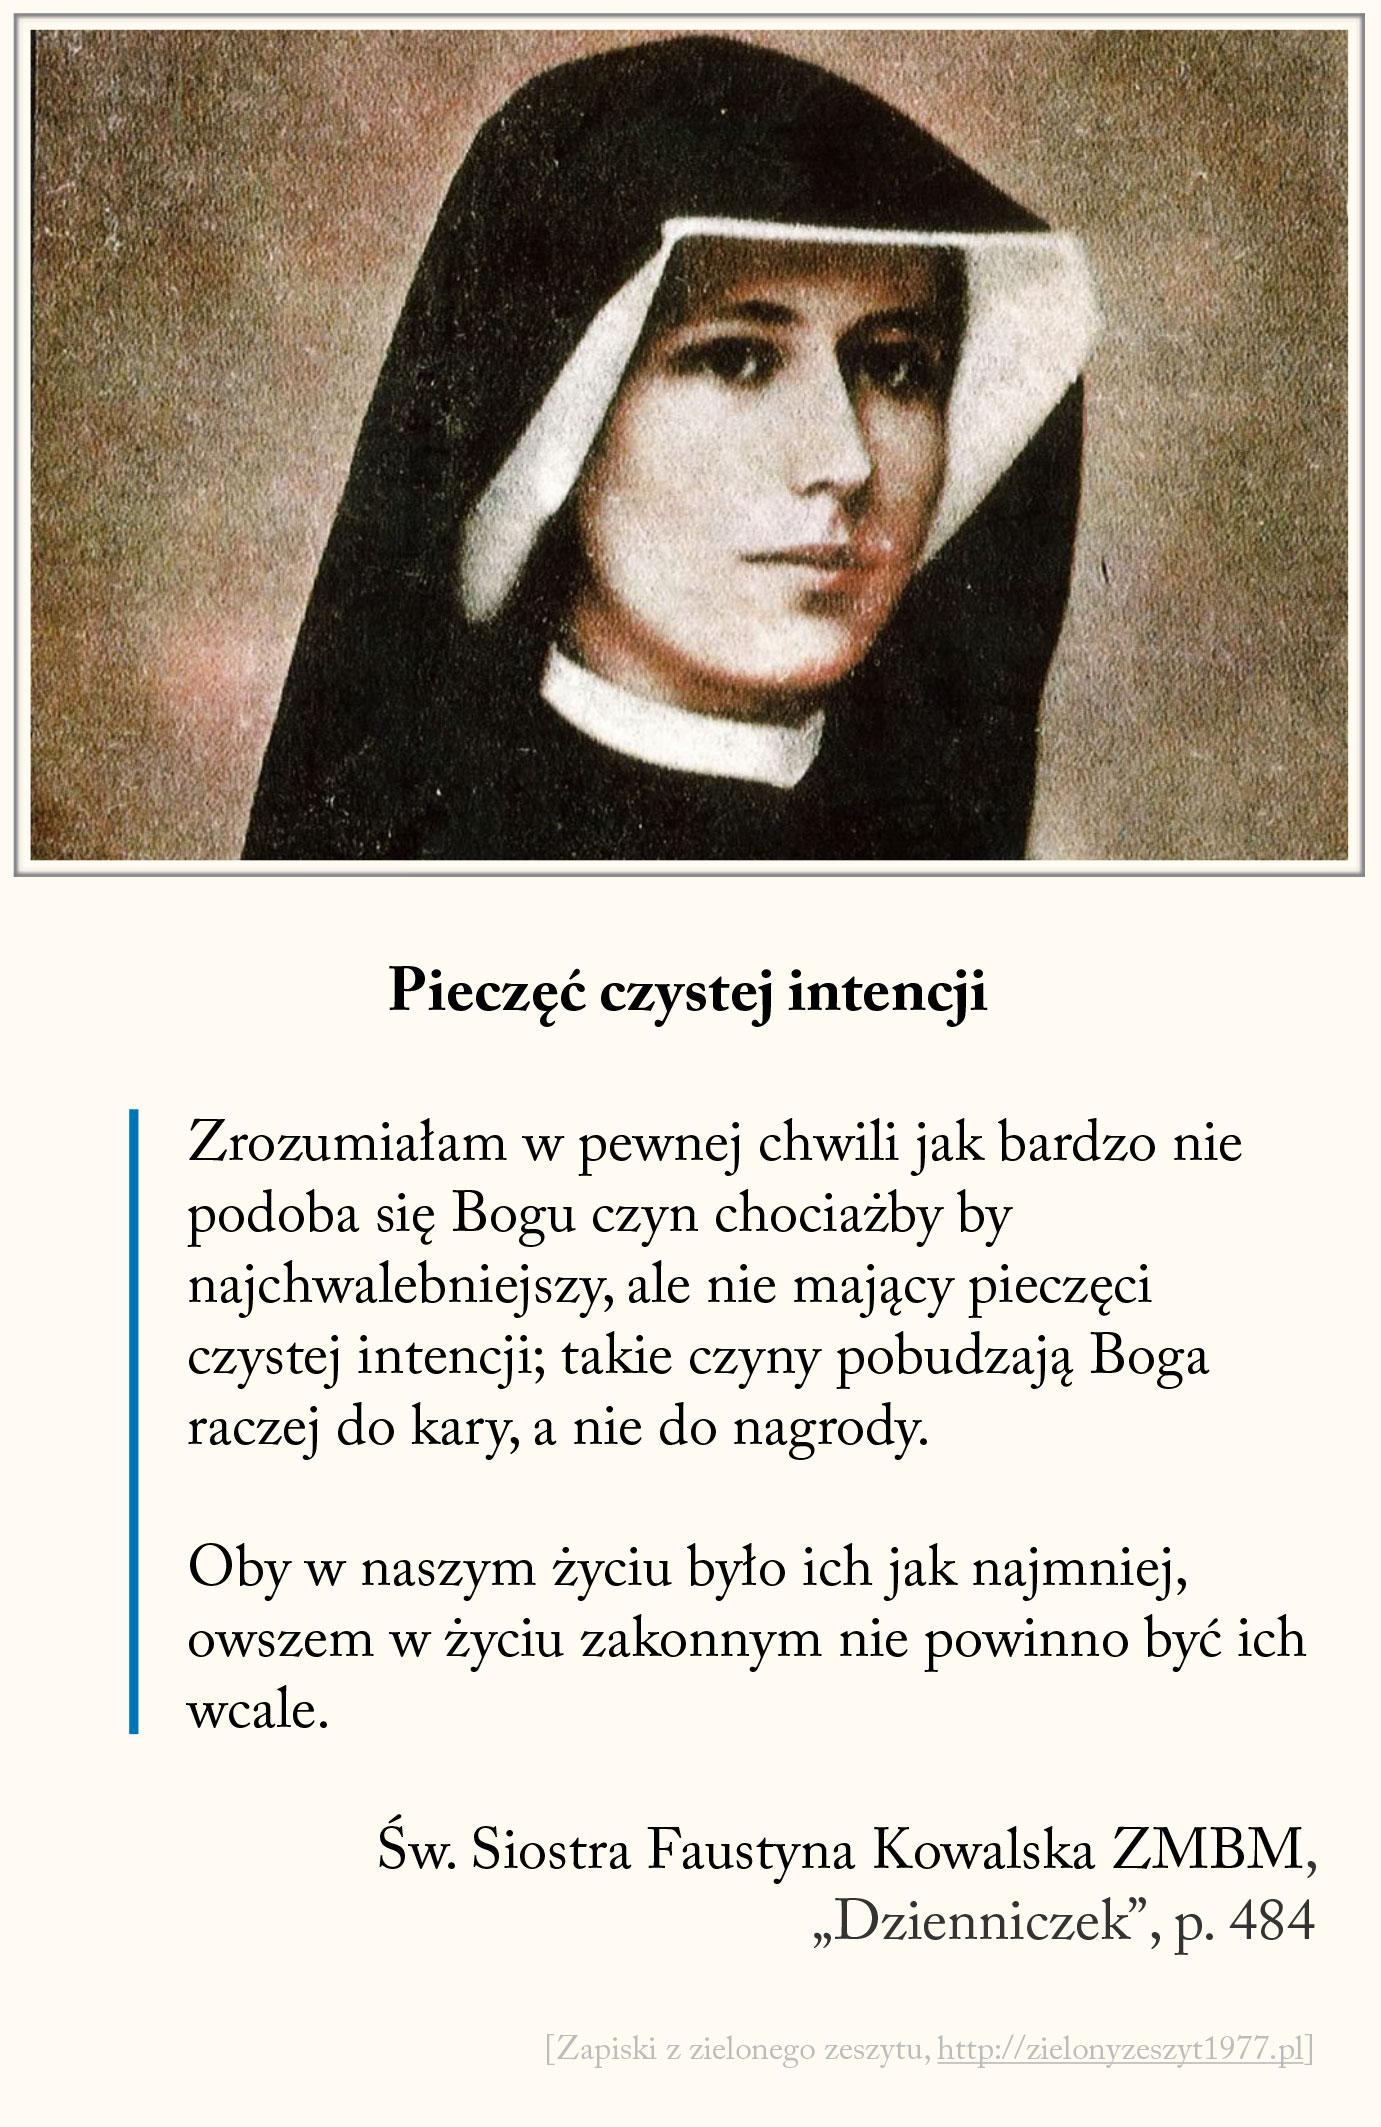 Pieczęć czystej intencji, św. Faustyna Kowalska